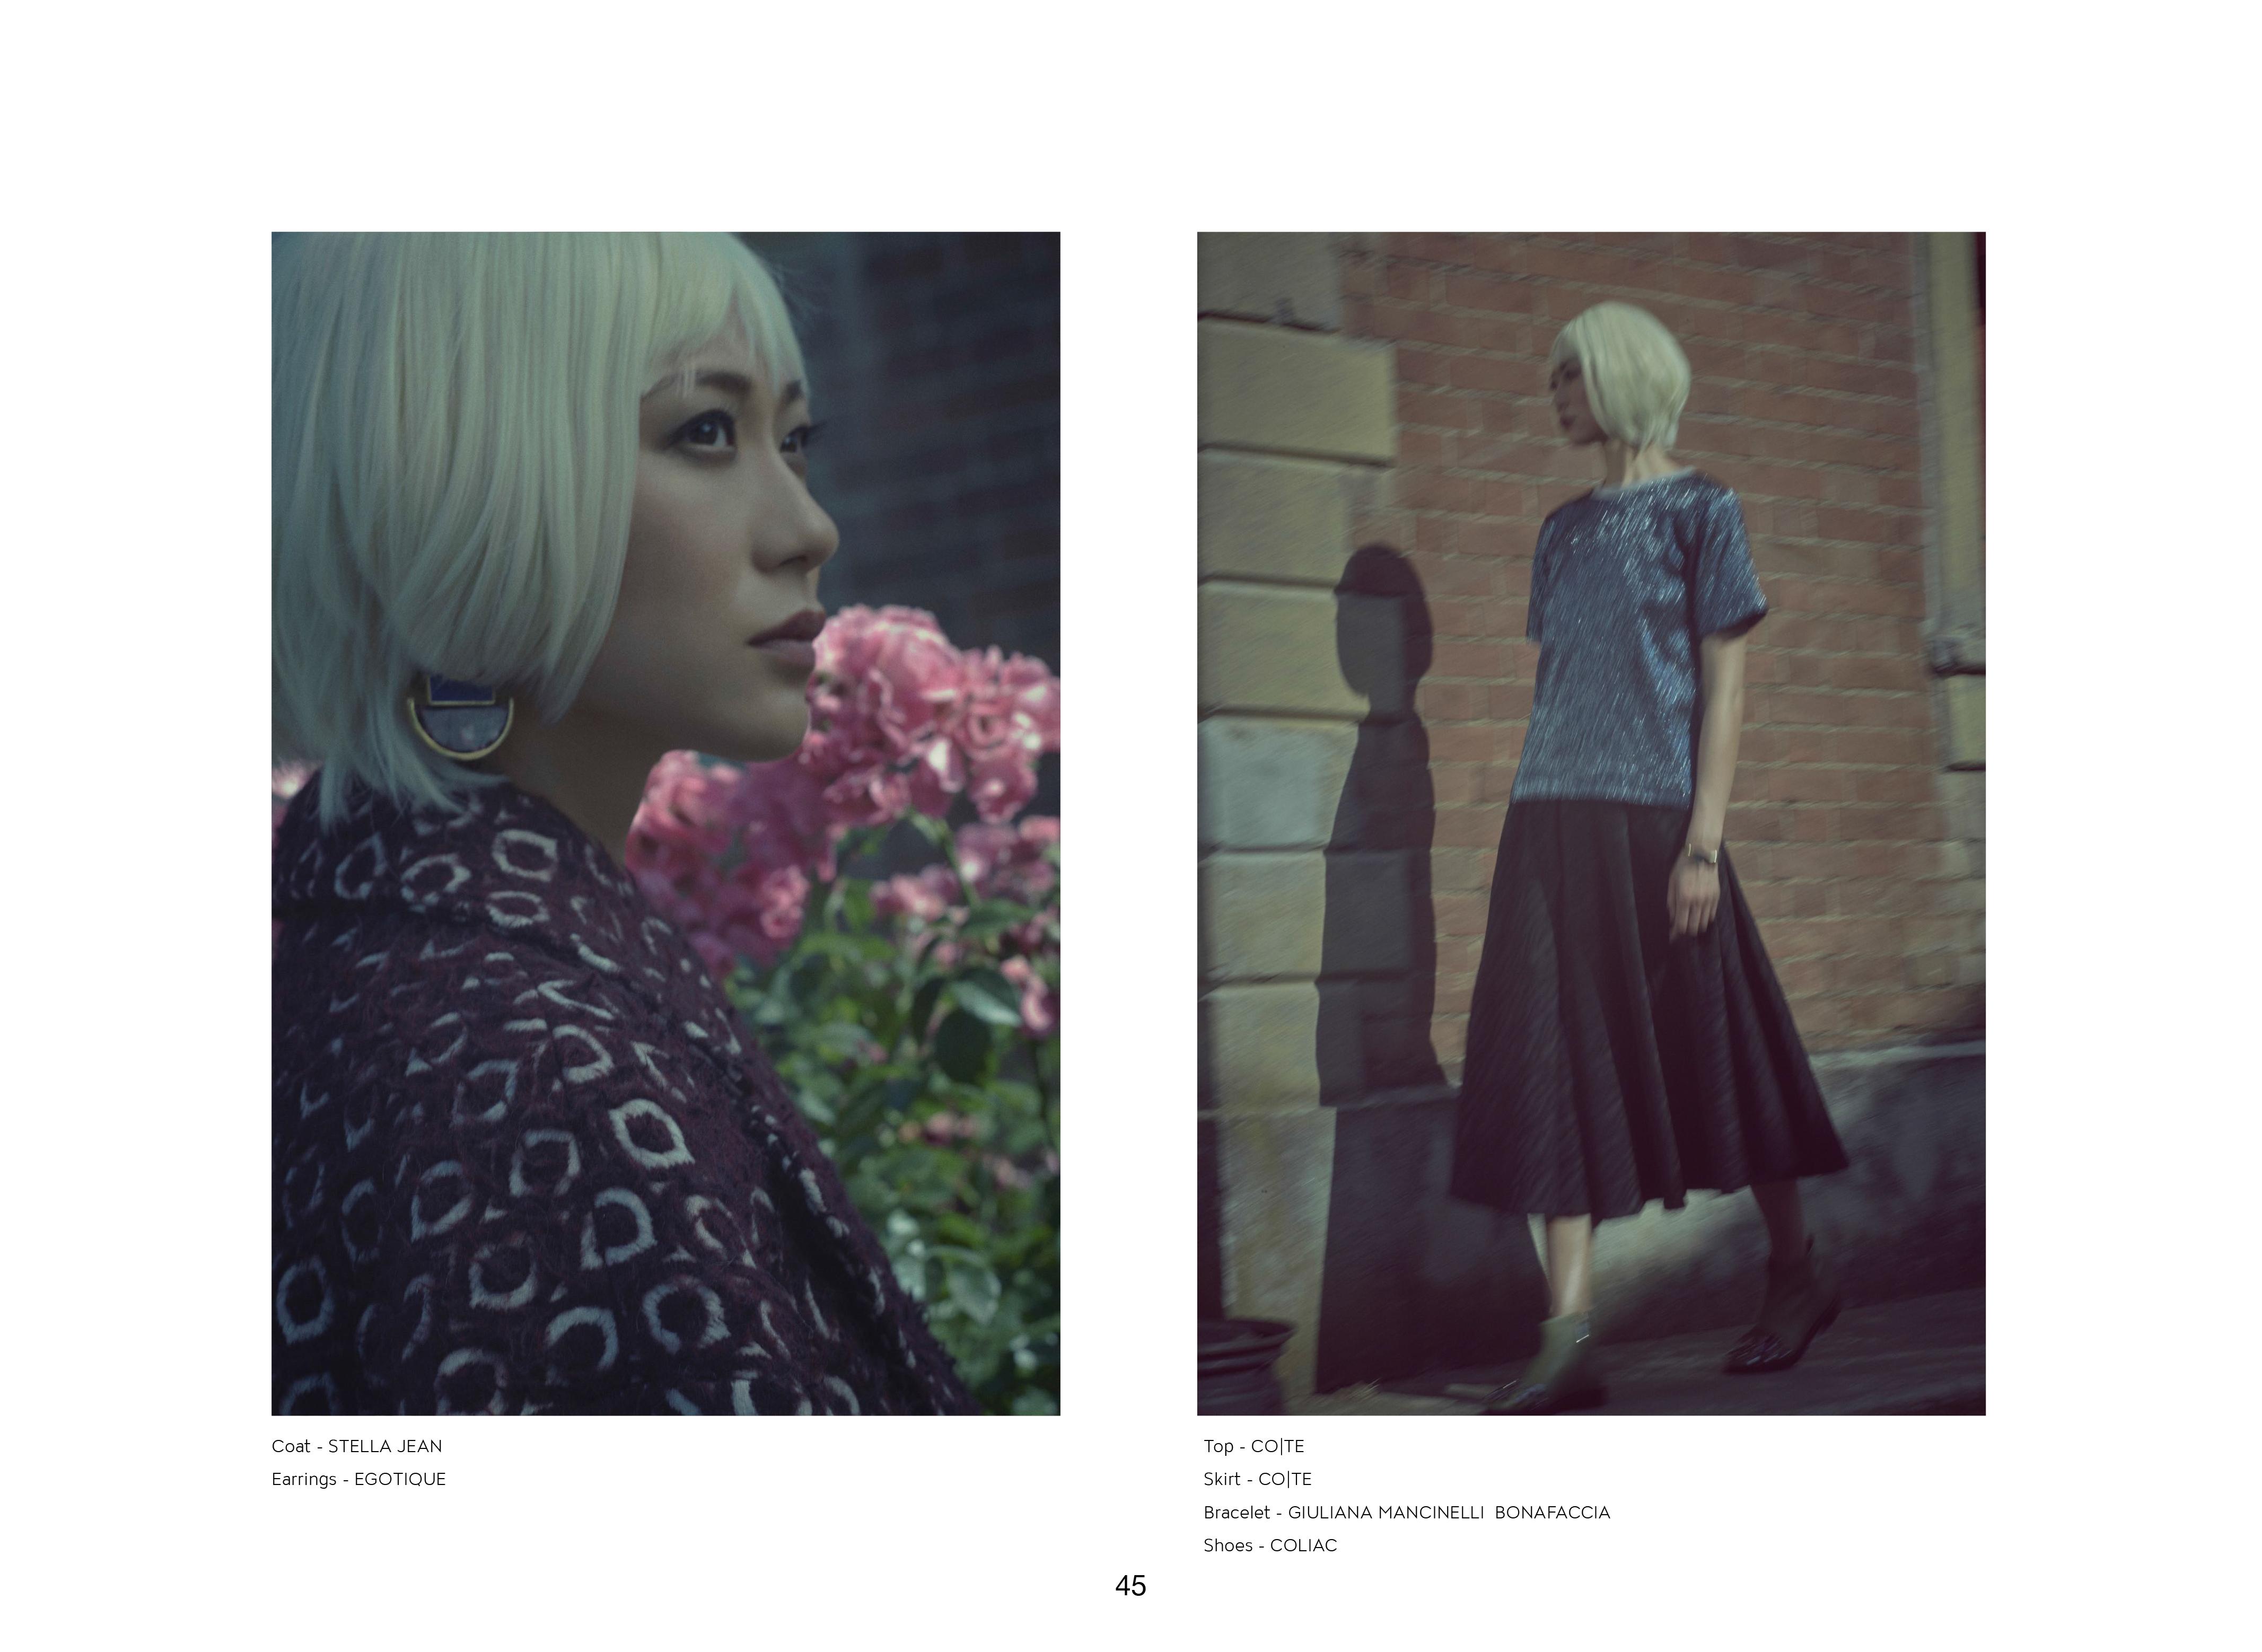 NoPlaceMagazineModelItalyLuleproductionAlbertoRaviglione&AdeleObicePhotoshootFashion_03